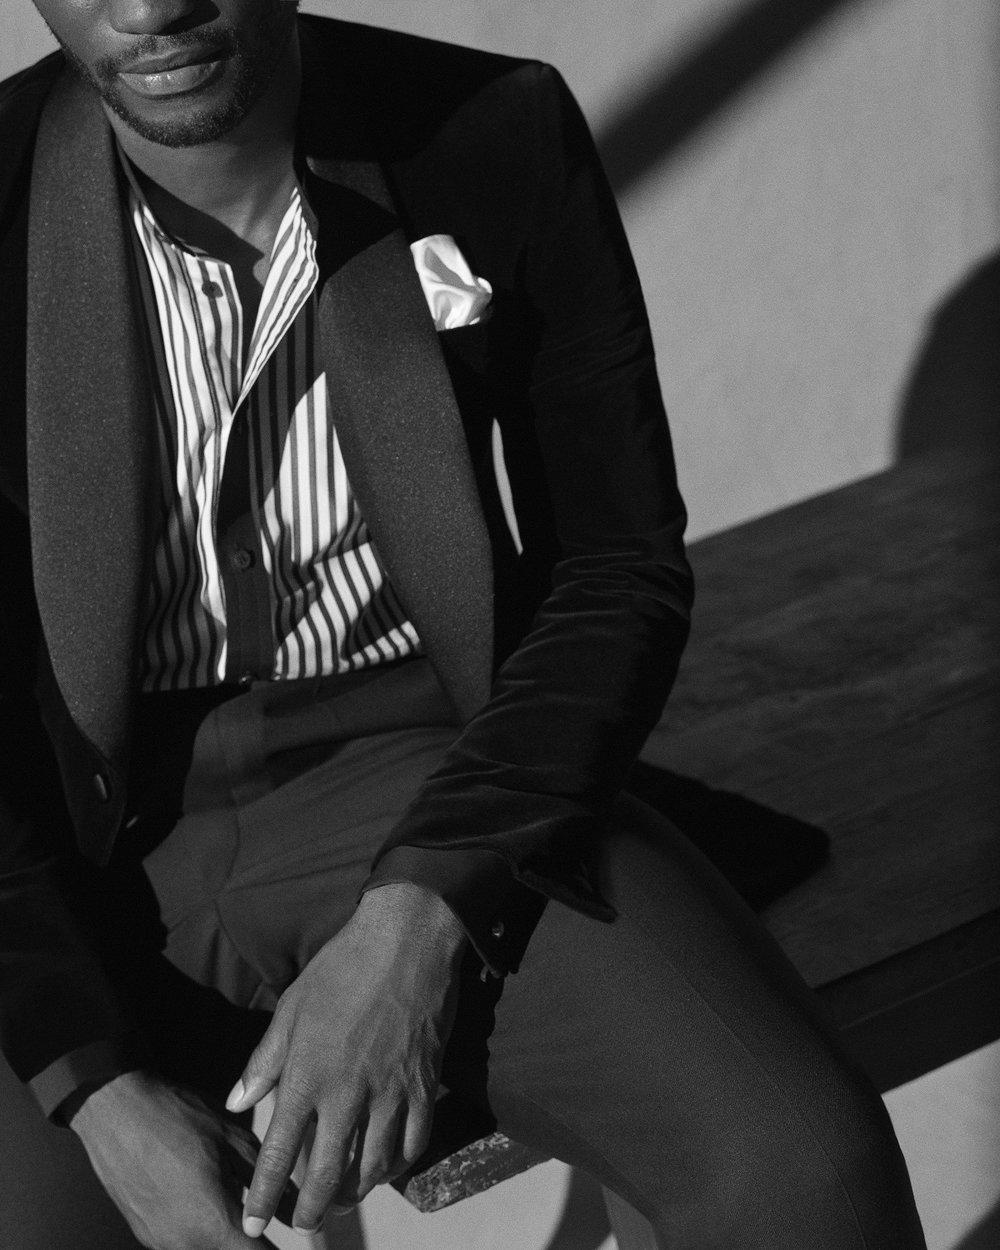 NEW Turnbull & Asser Evening Shirt Collection (3).jpg